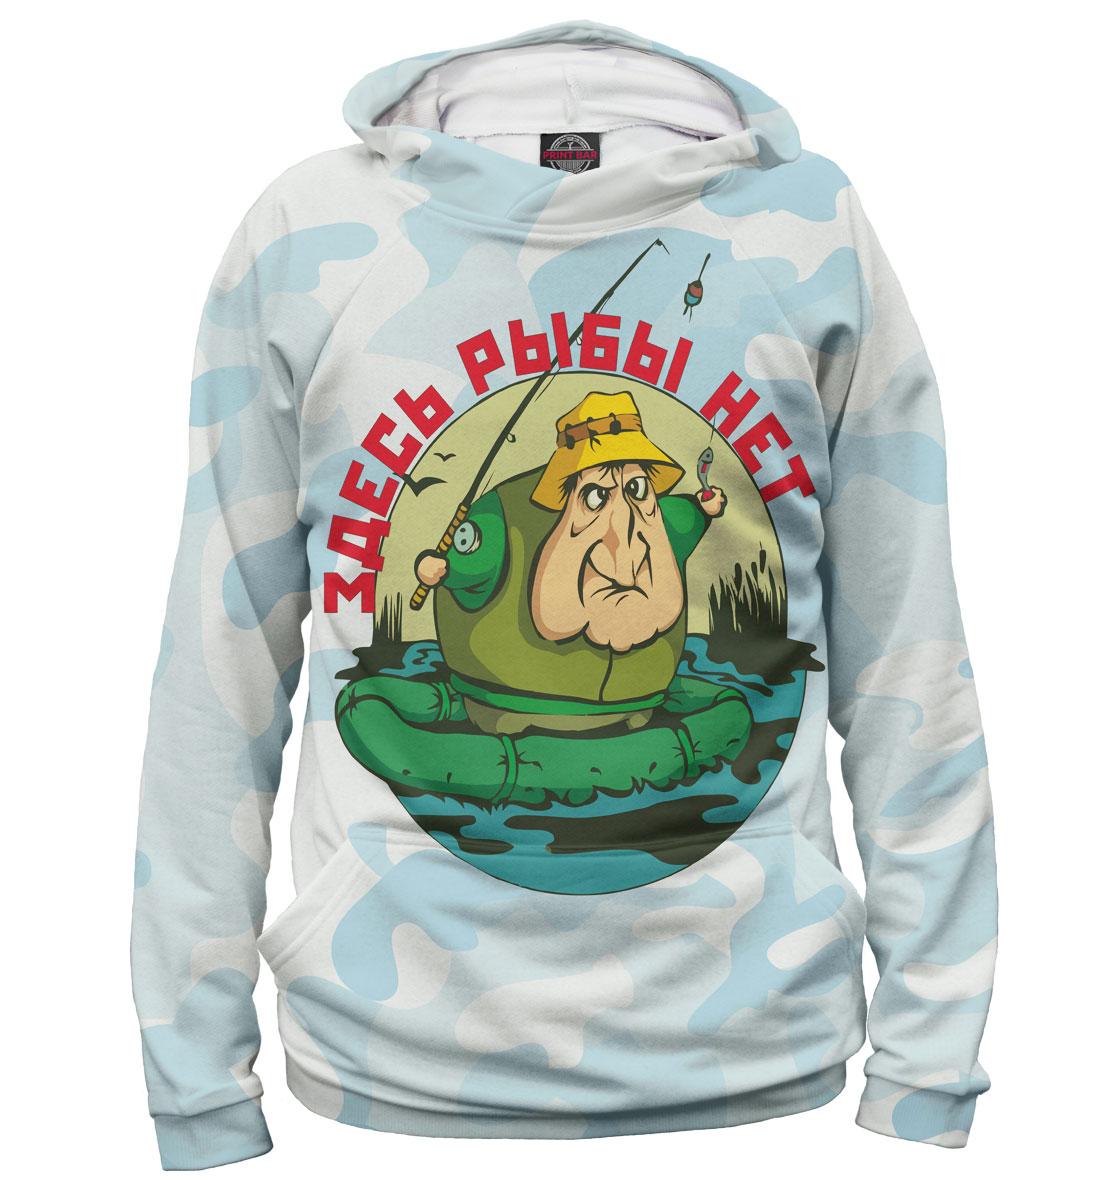 Купить Здесь рыбы нет, Printbar, Худи, FSH-818203-hud-2